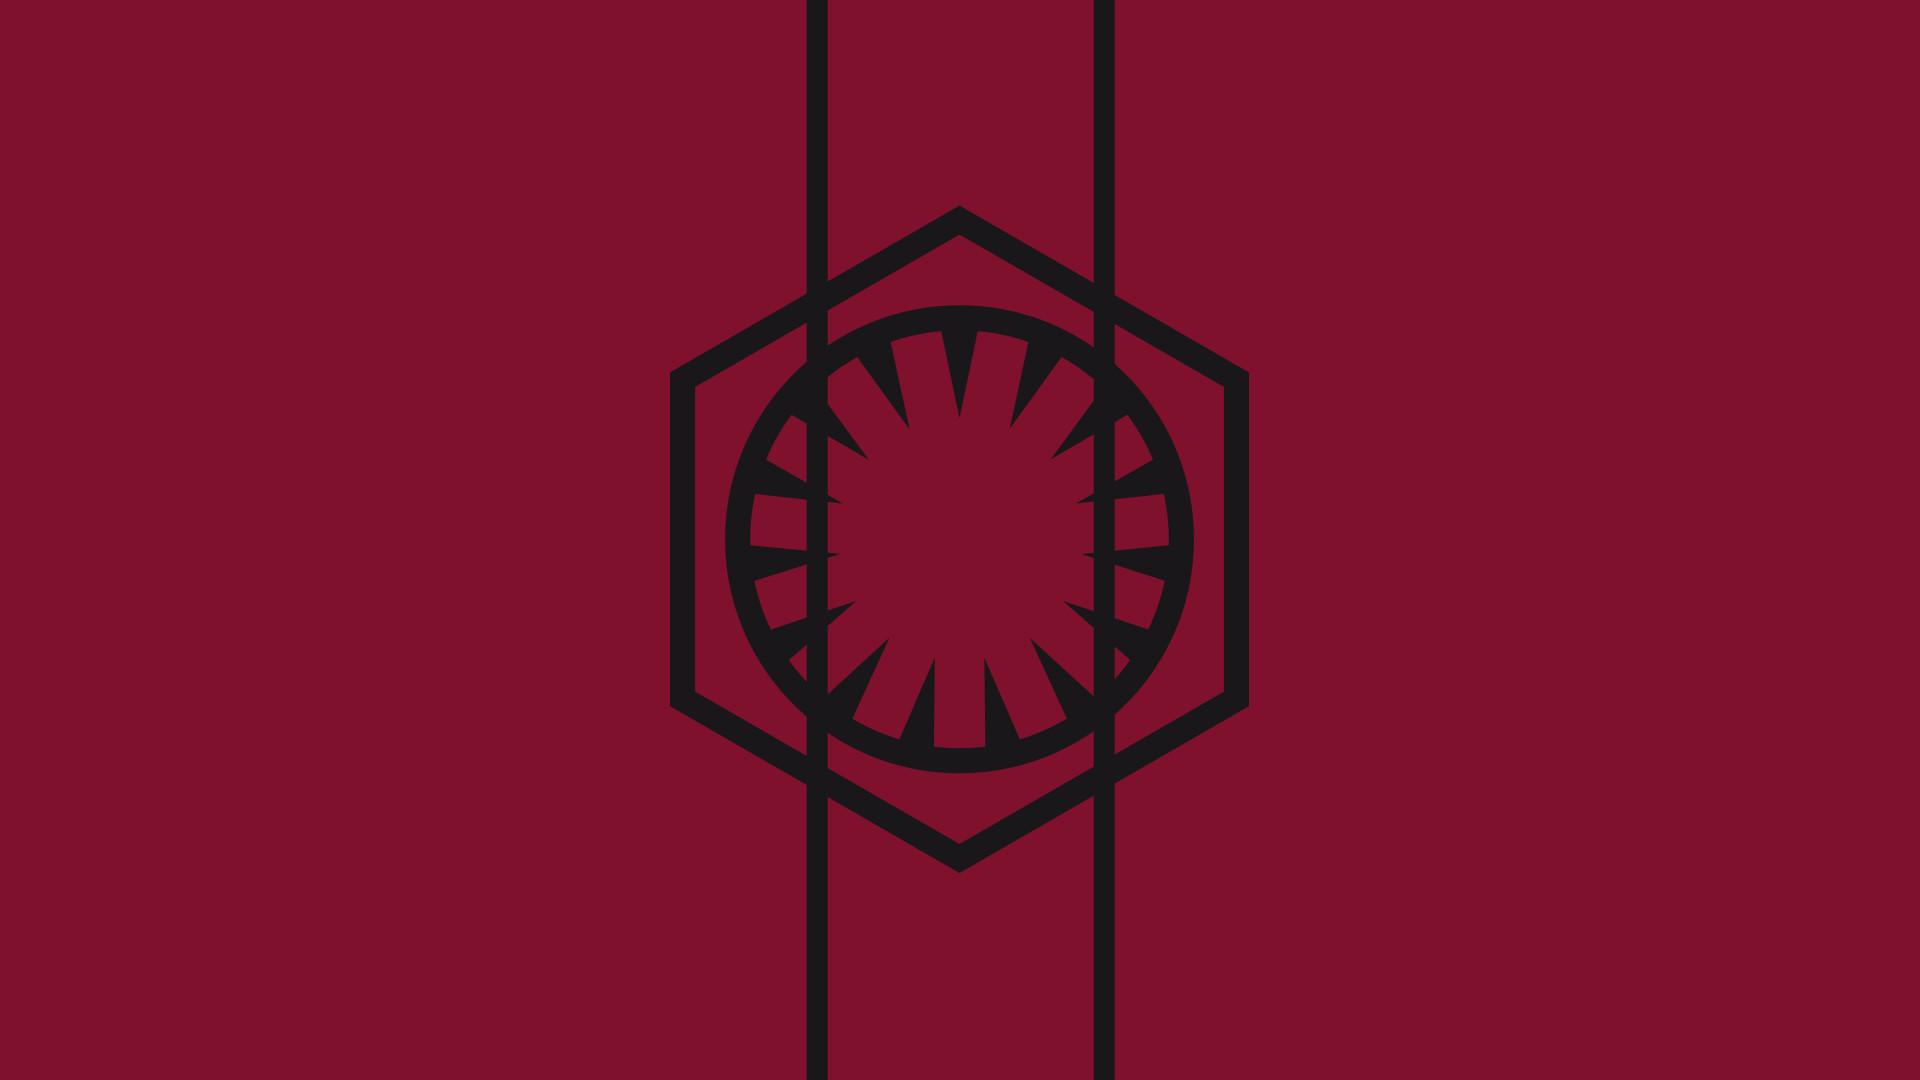 1920x1080 HD Star Wars Wallpaper - Live Wallpaper HD